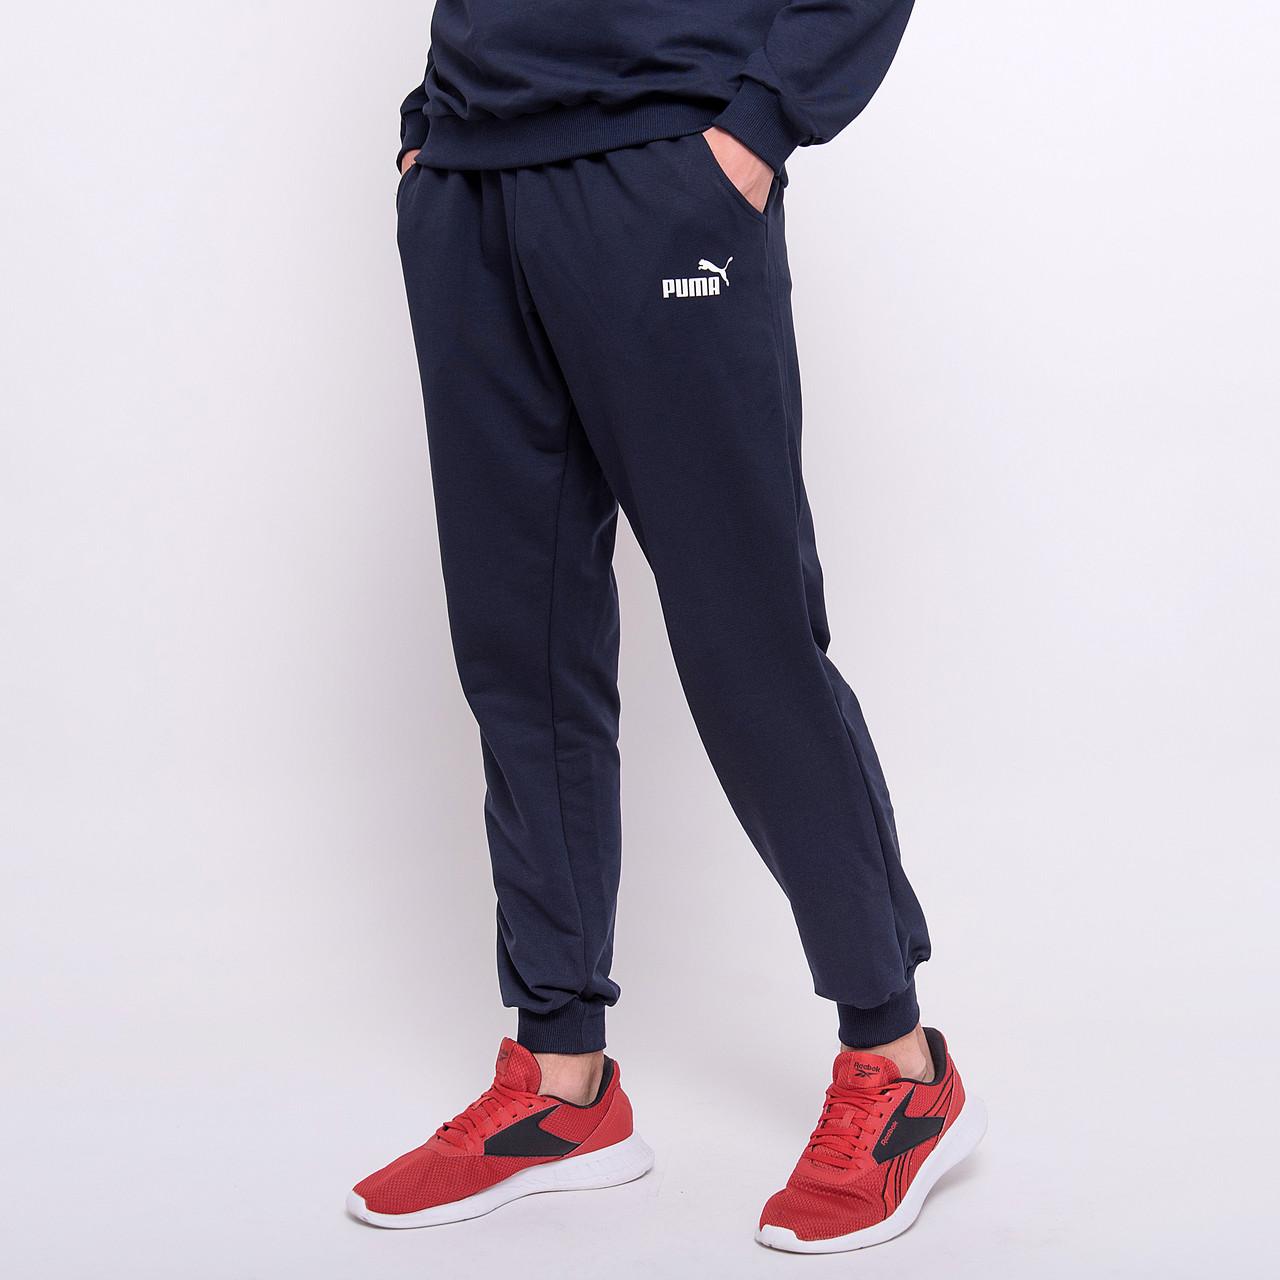 Чоловічі спортивні штани Puma, синього кольору (трикотаж)